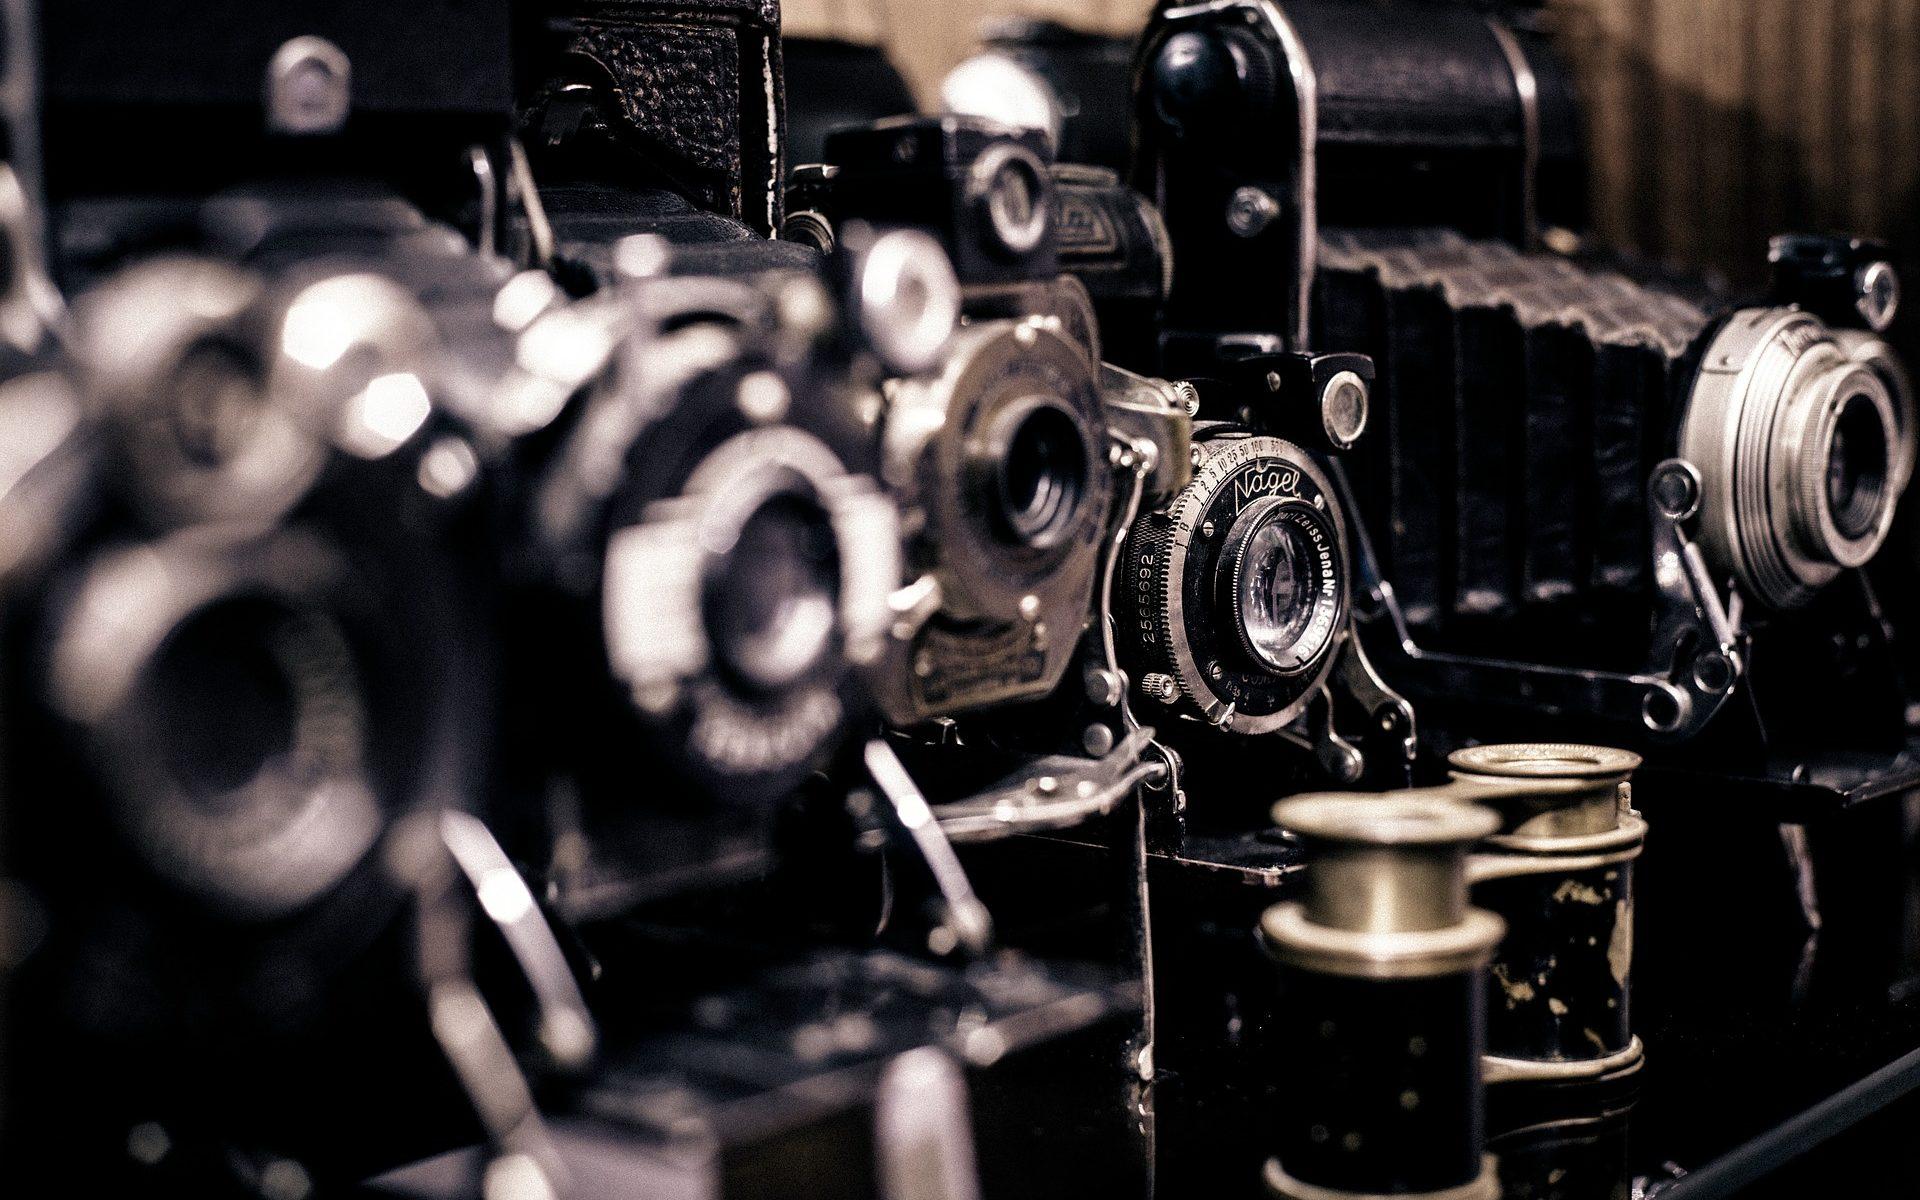 Krótkie formy video - krótkie formy filmowe